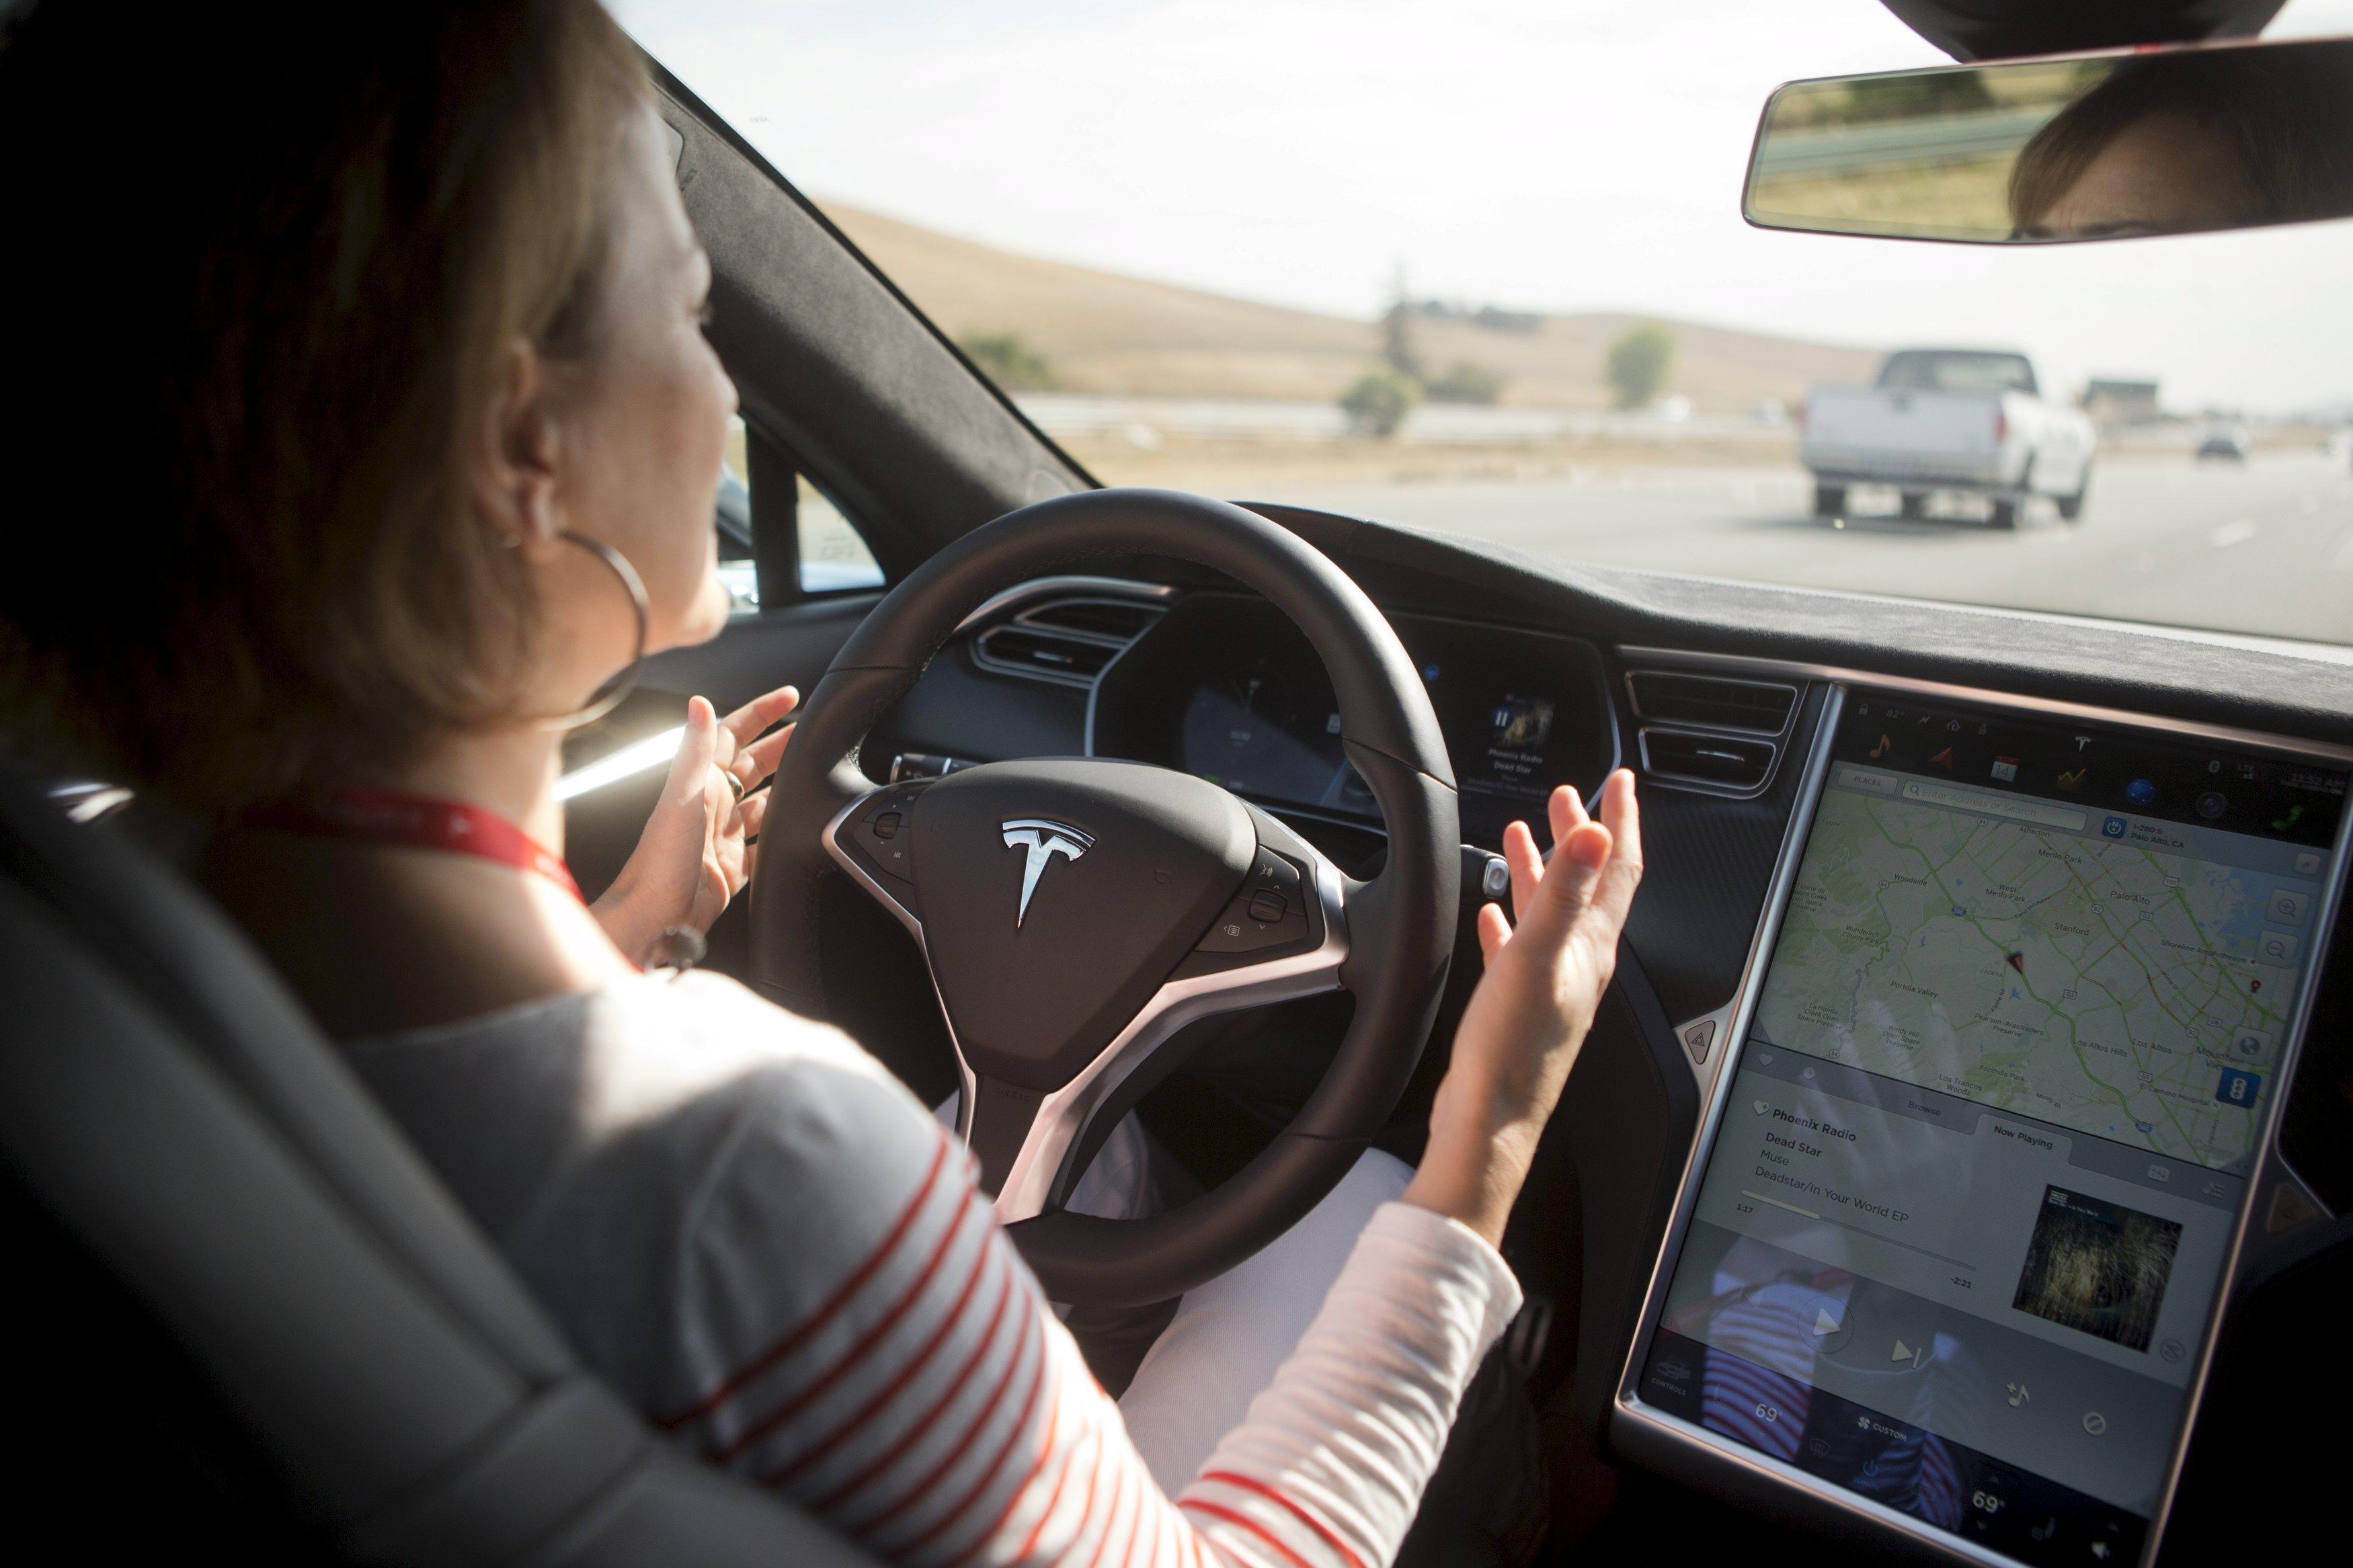 Fitur pilot otomatis sedang didemonstrasikan di Tesla Model S saat acara Tesla di Palo Alto, Califronia, Rabu (14/10). ANTARA FOTO/REUTERS/Beck Diefenbach.